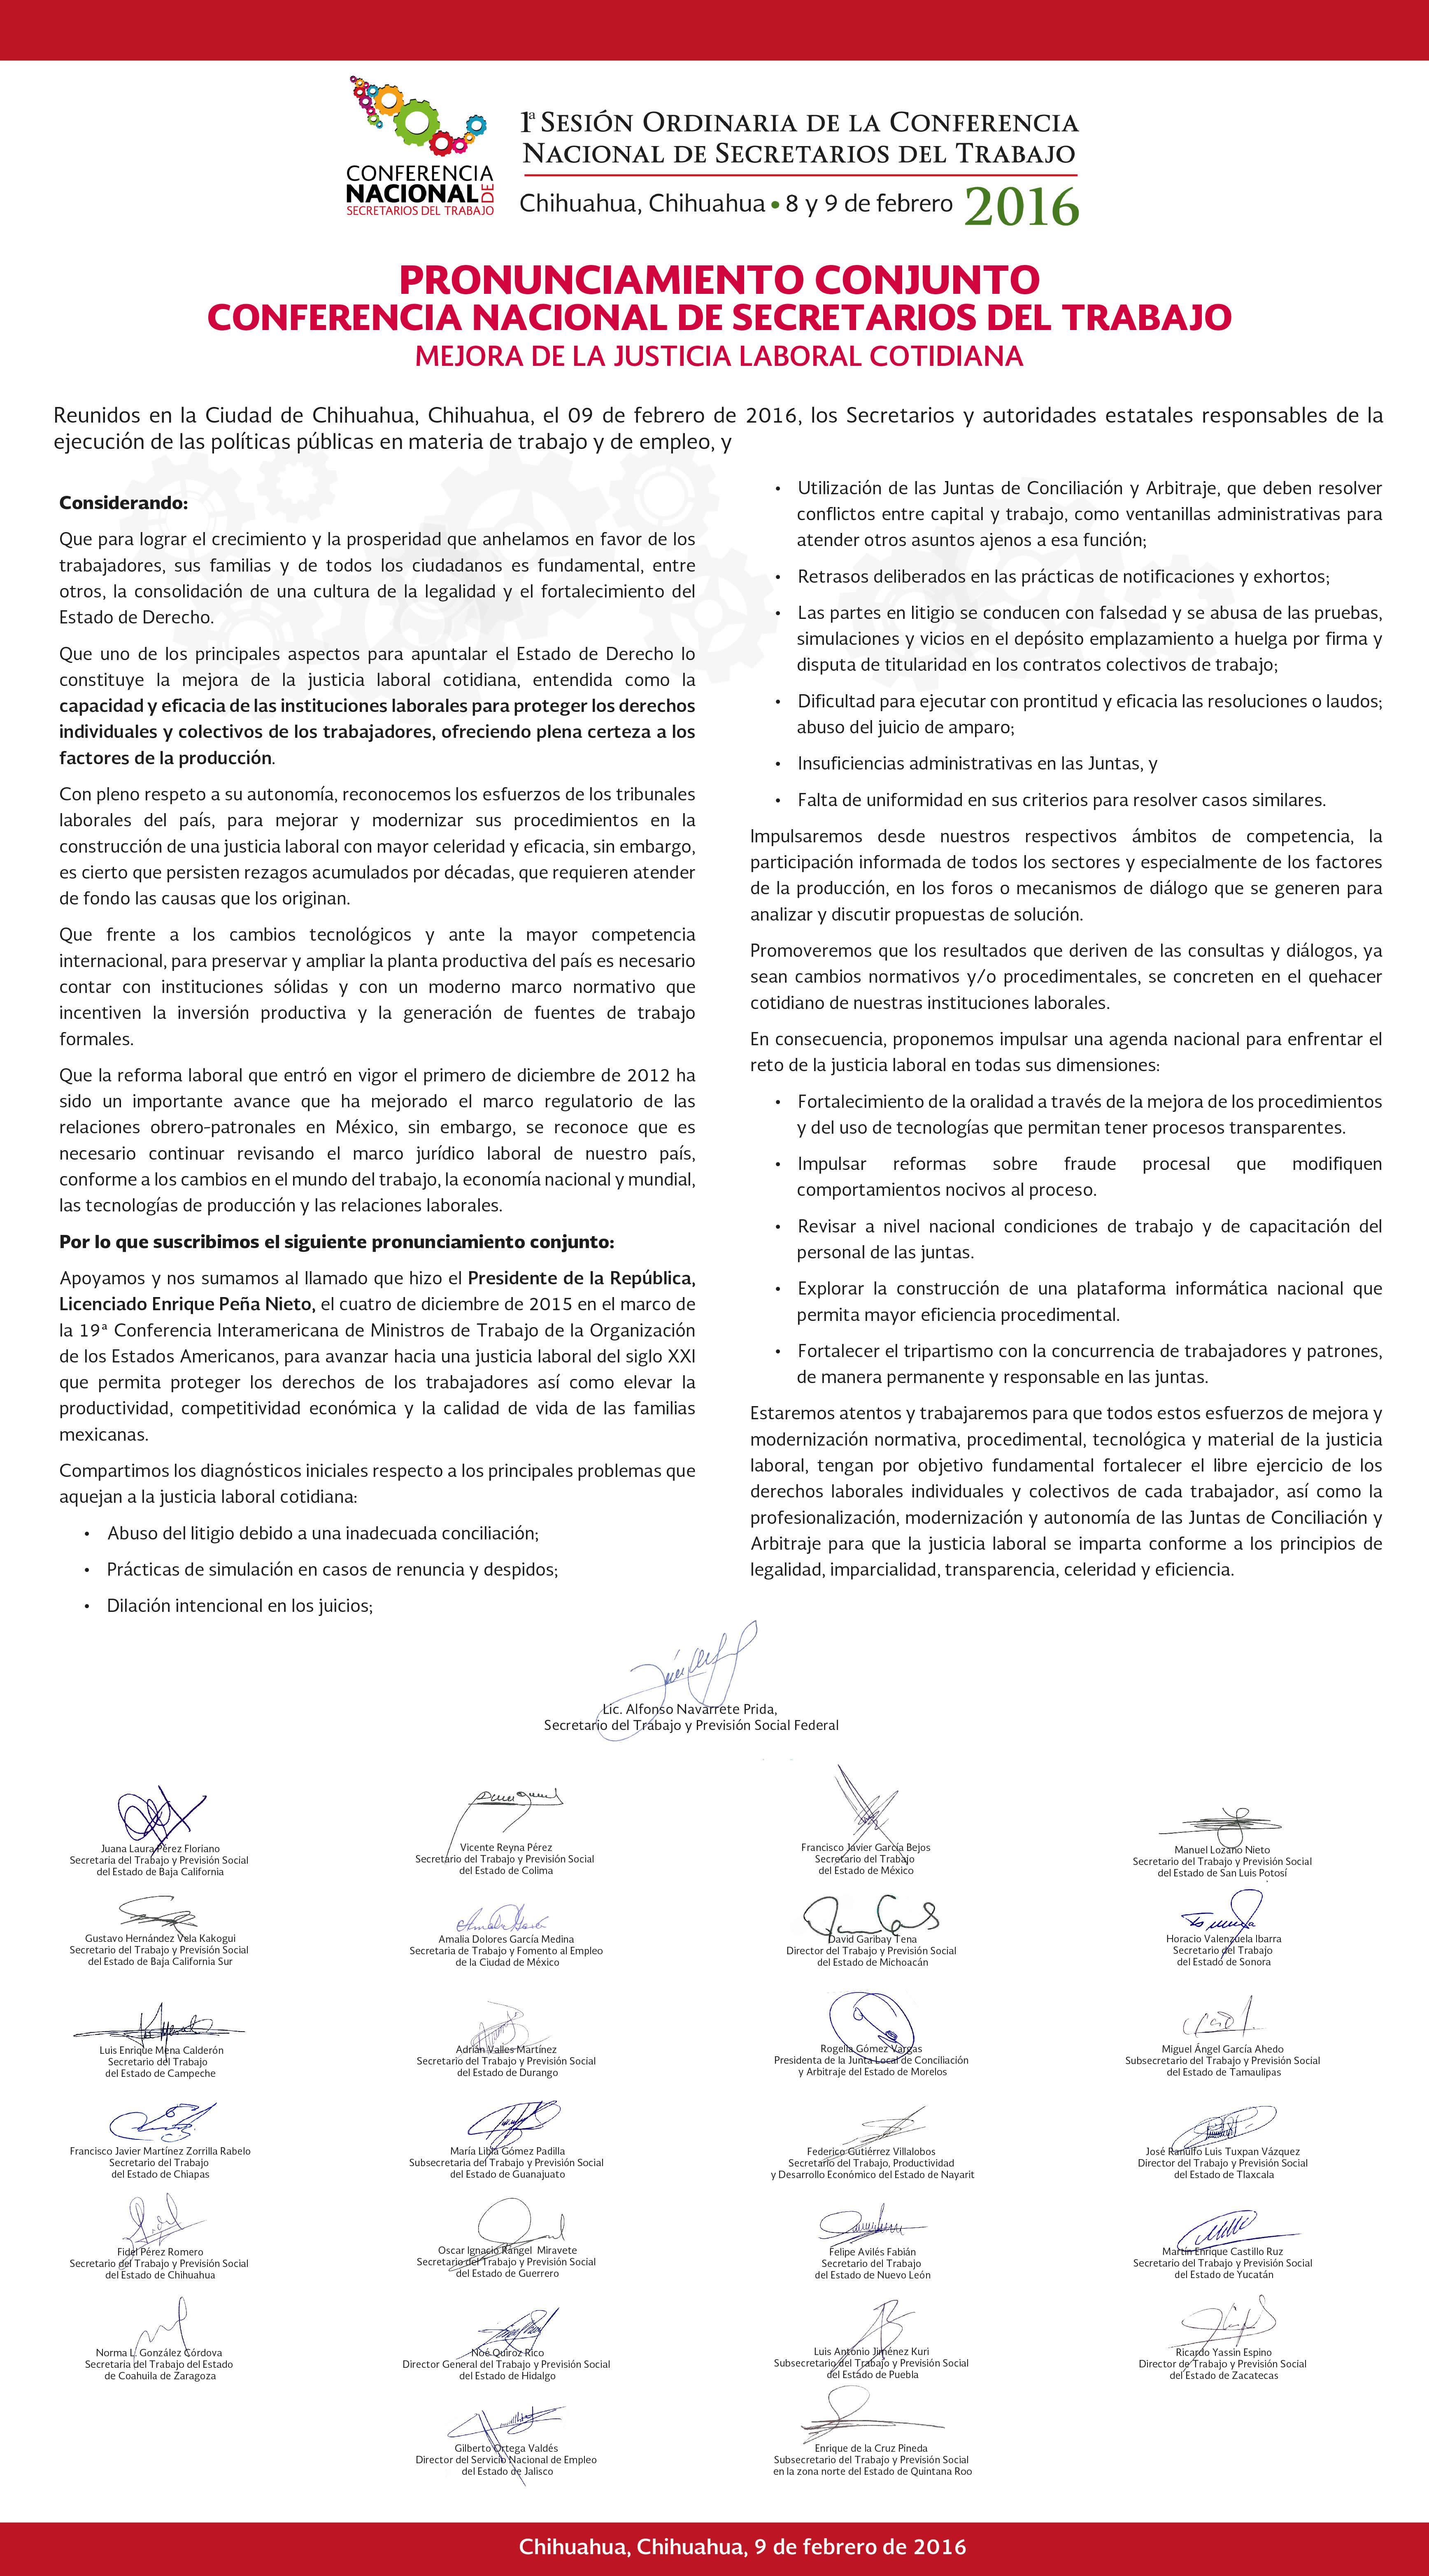 Pronunciamiento CONASETRA.jpg